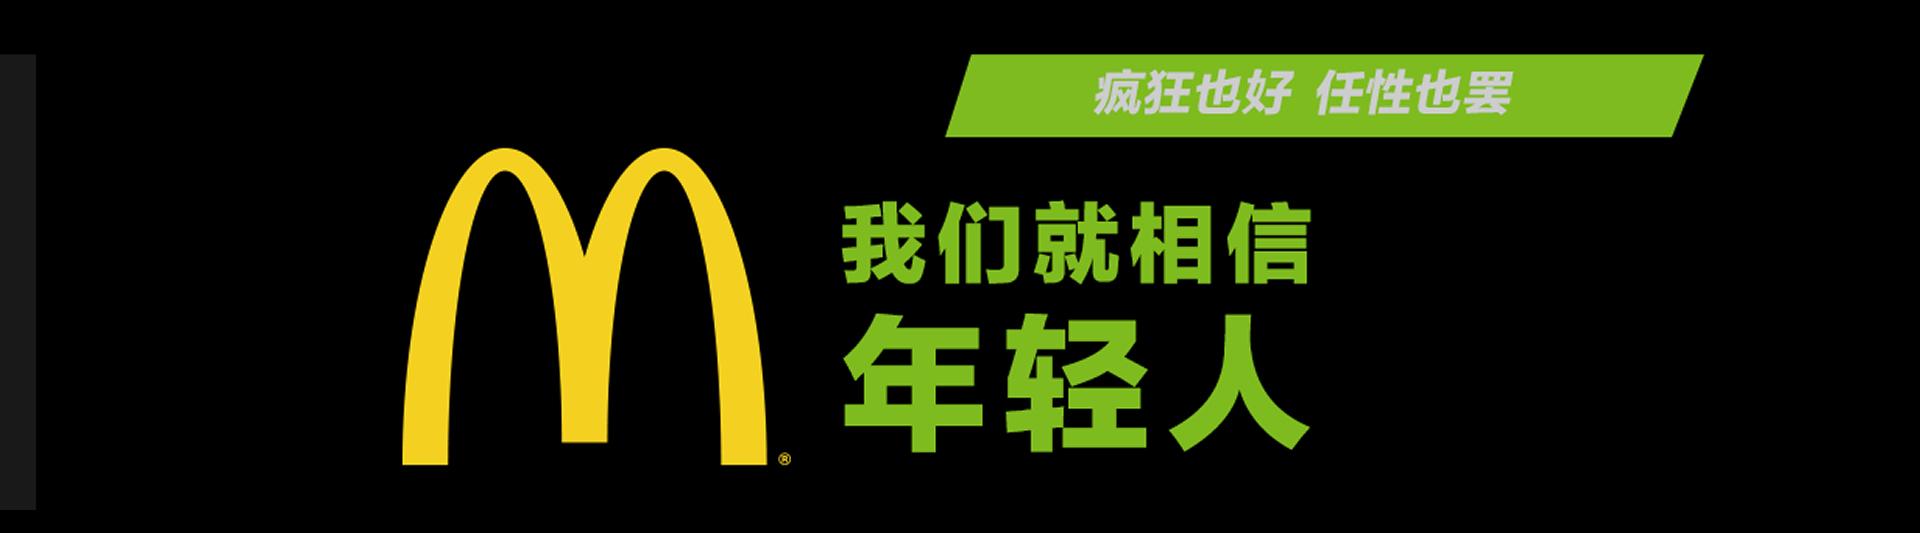 麦当劳甜品站logo素材